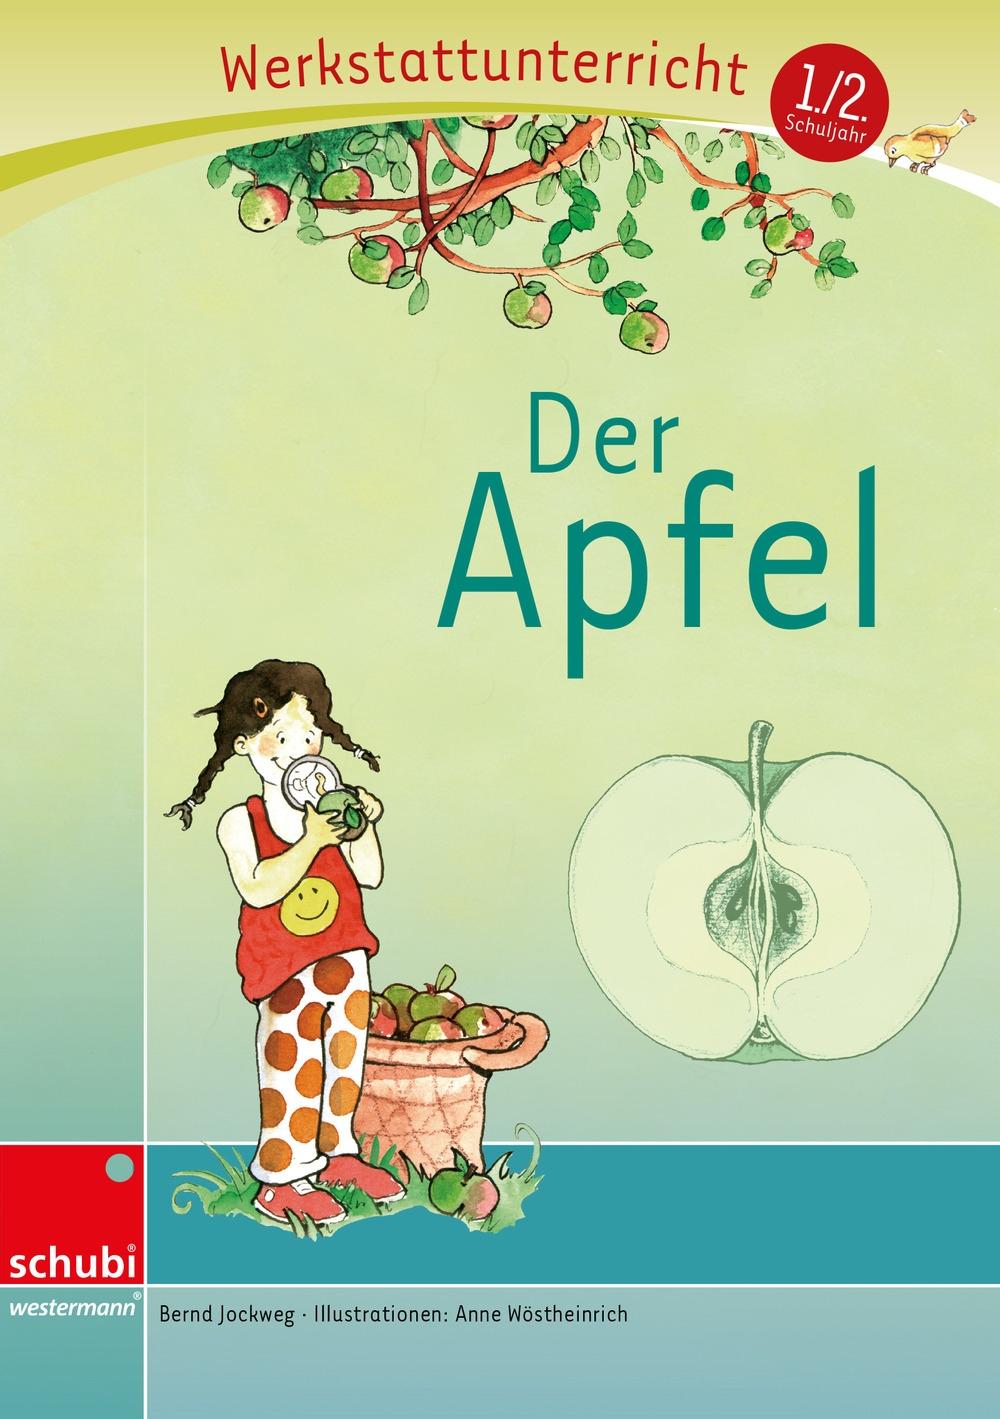 Der Apfel - SCHUBI